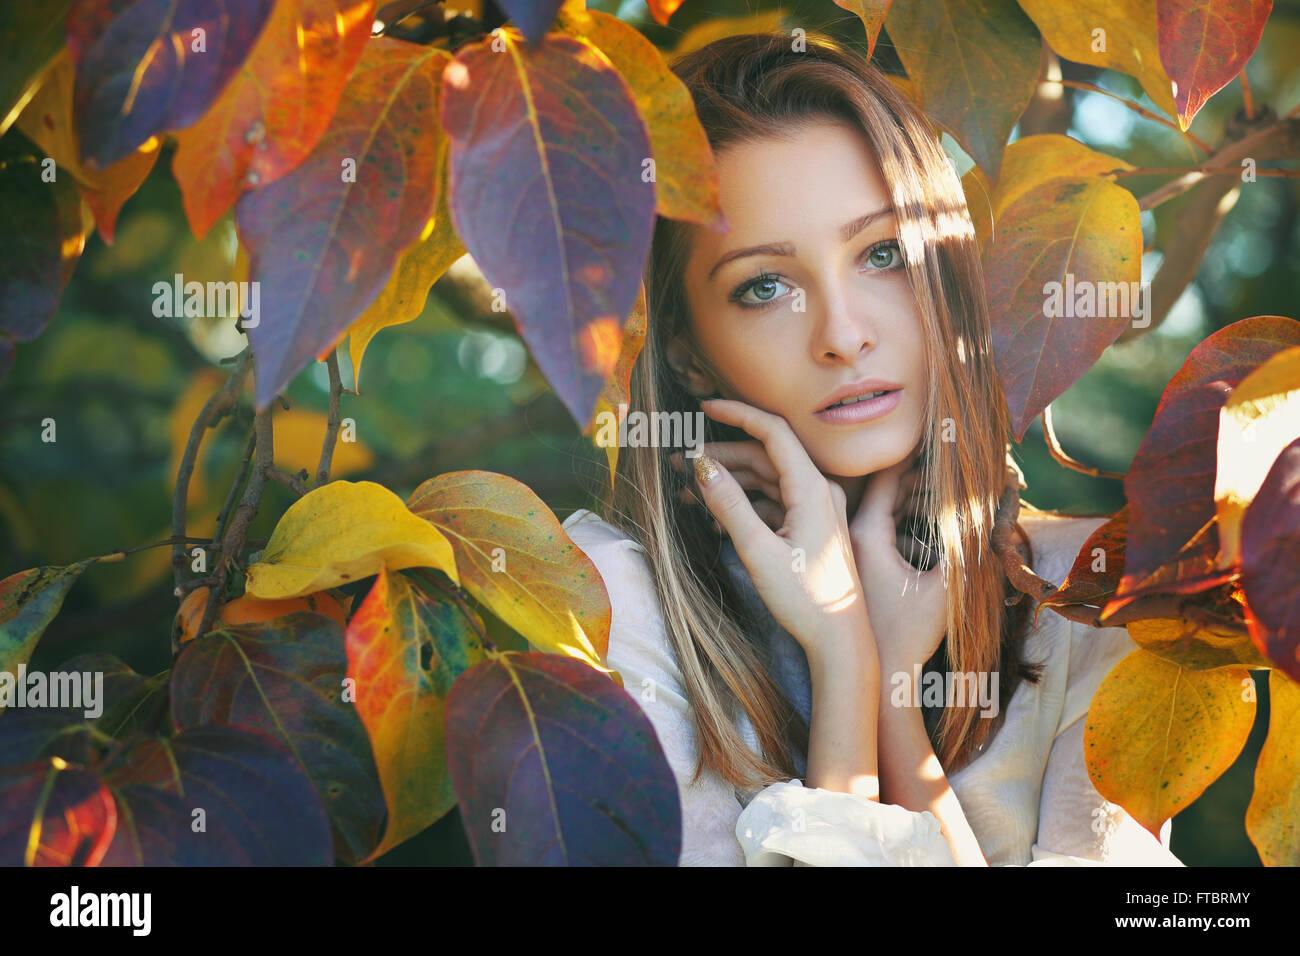 Hermosa mujer joven posando entre coloridas hojas de otoño Imagen De Stock